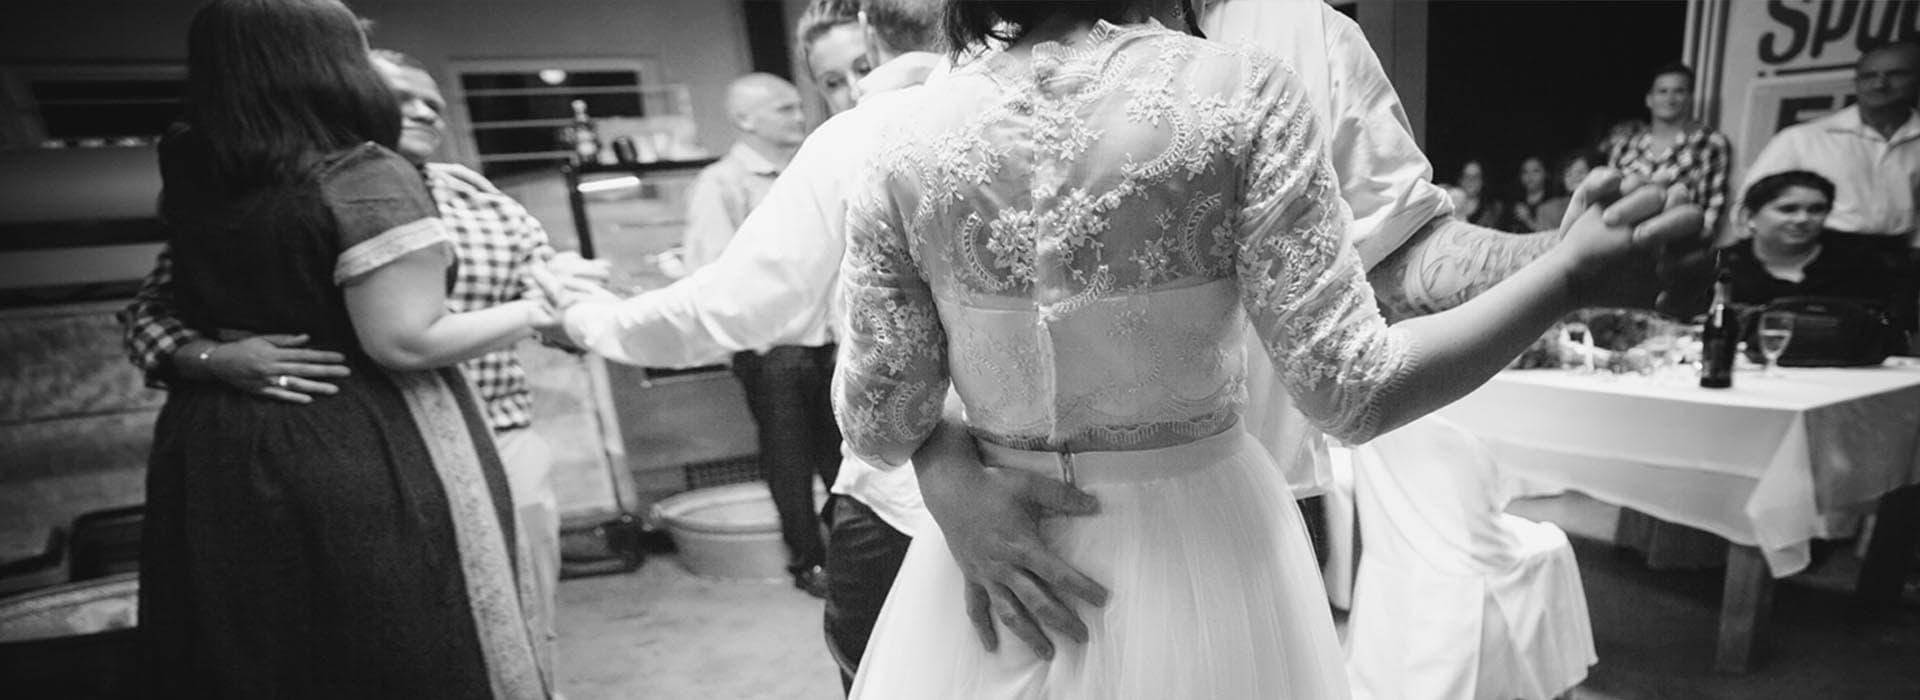 MACLOU WEDDING